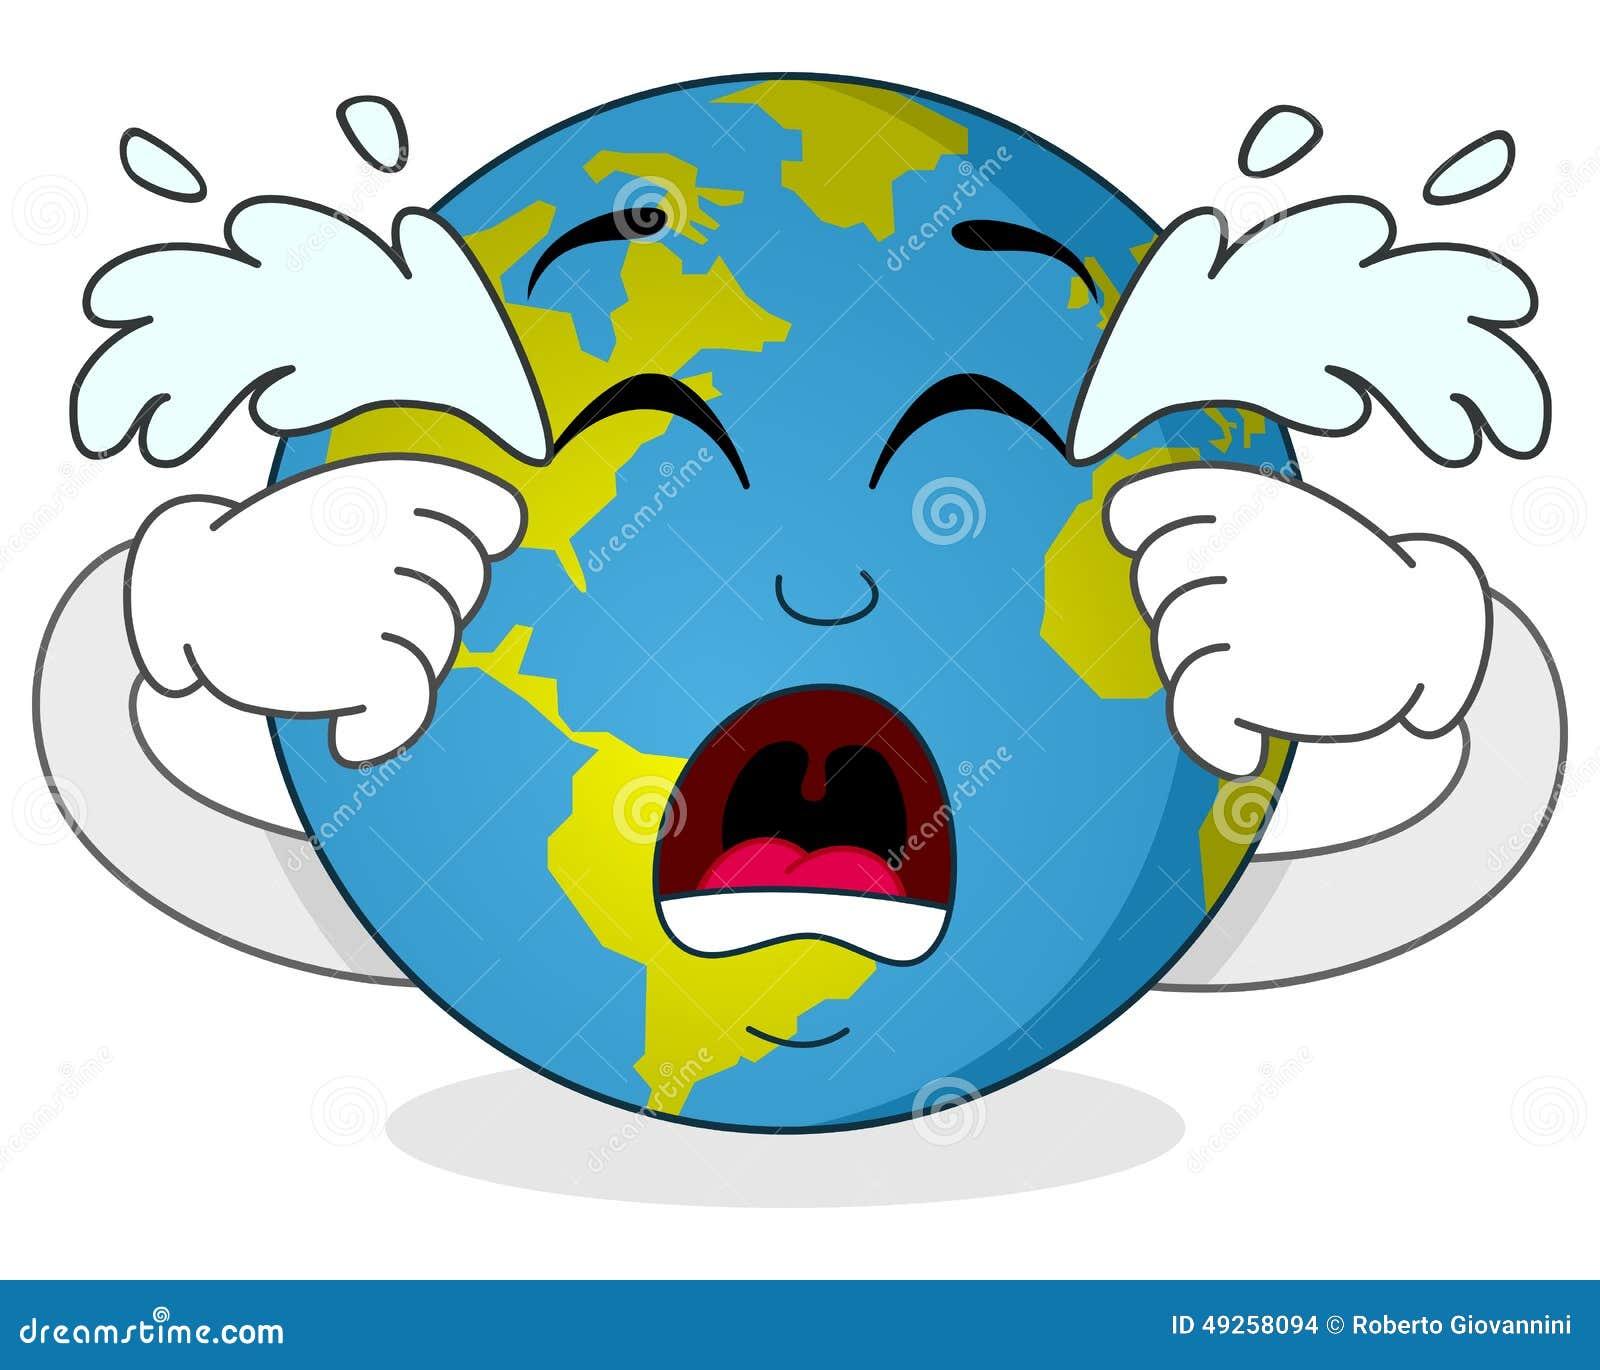 Cartoon Earth Crying